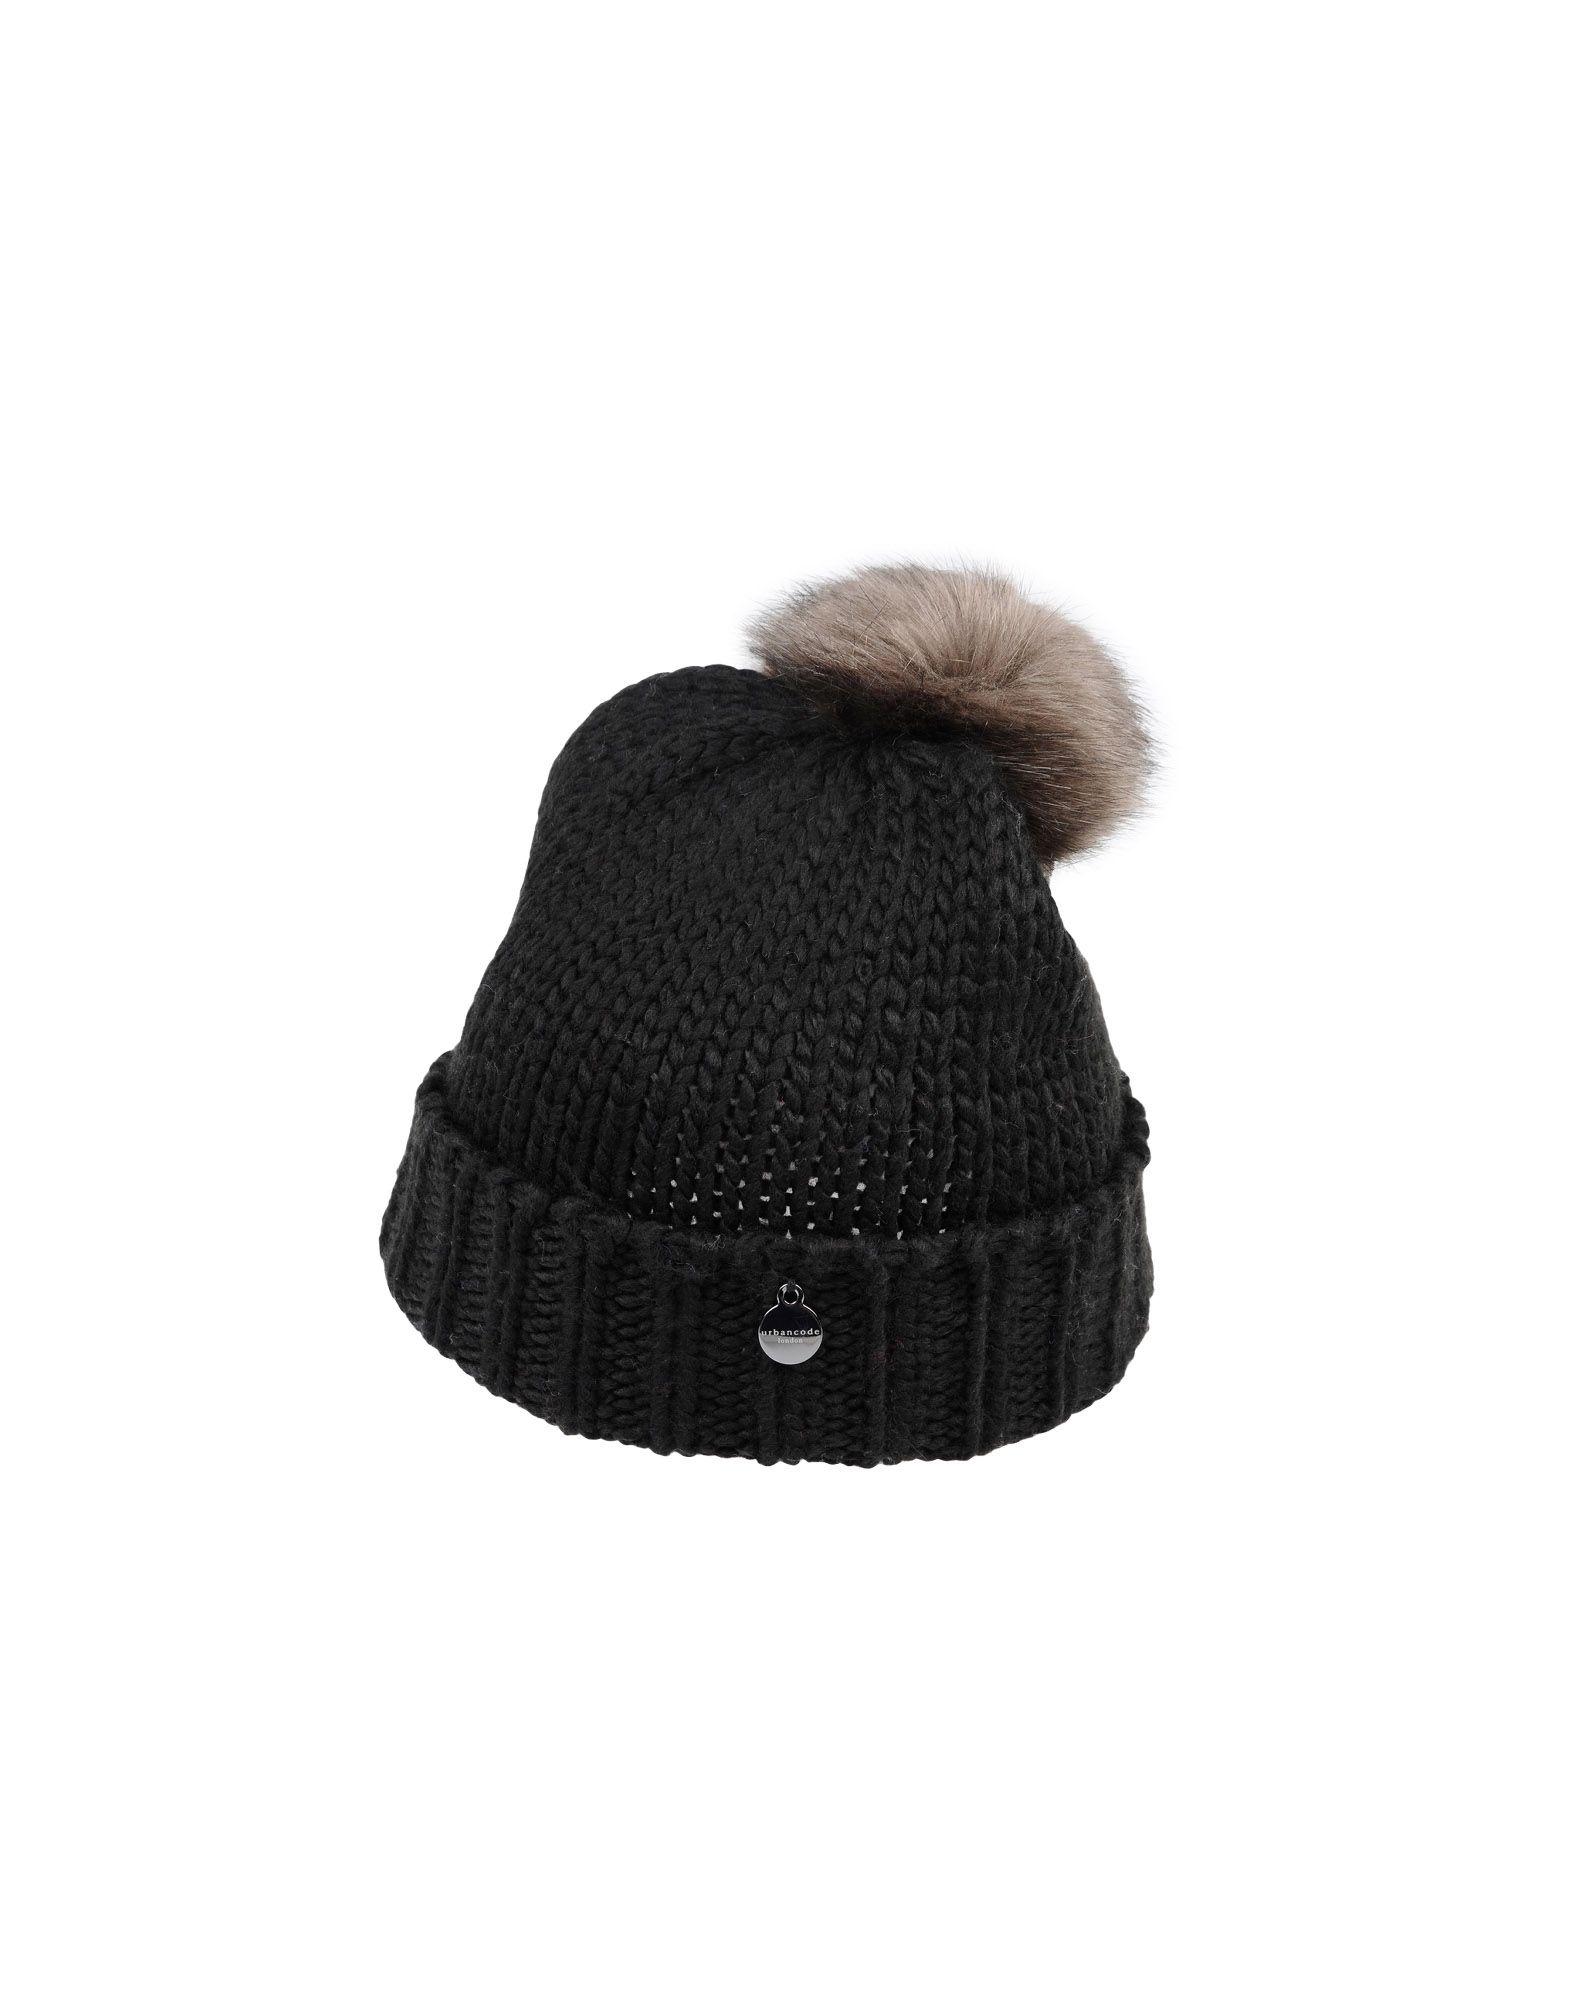 URBANCODE Damen Mützen & Hüte Farbe Schwarz Größe 1